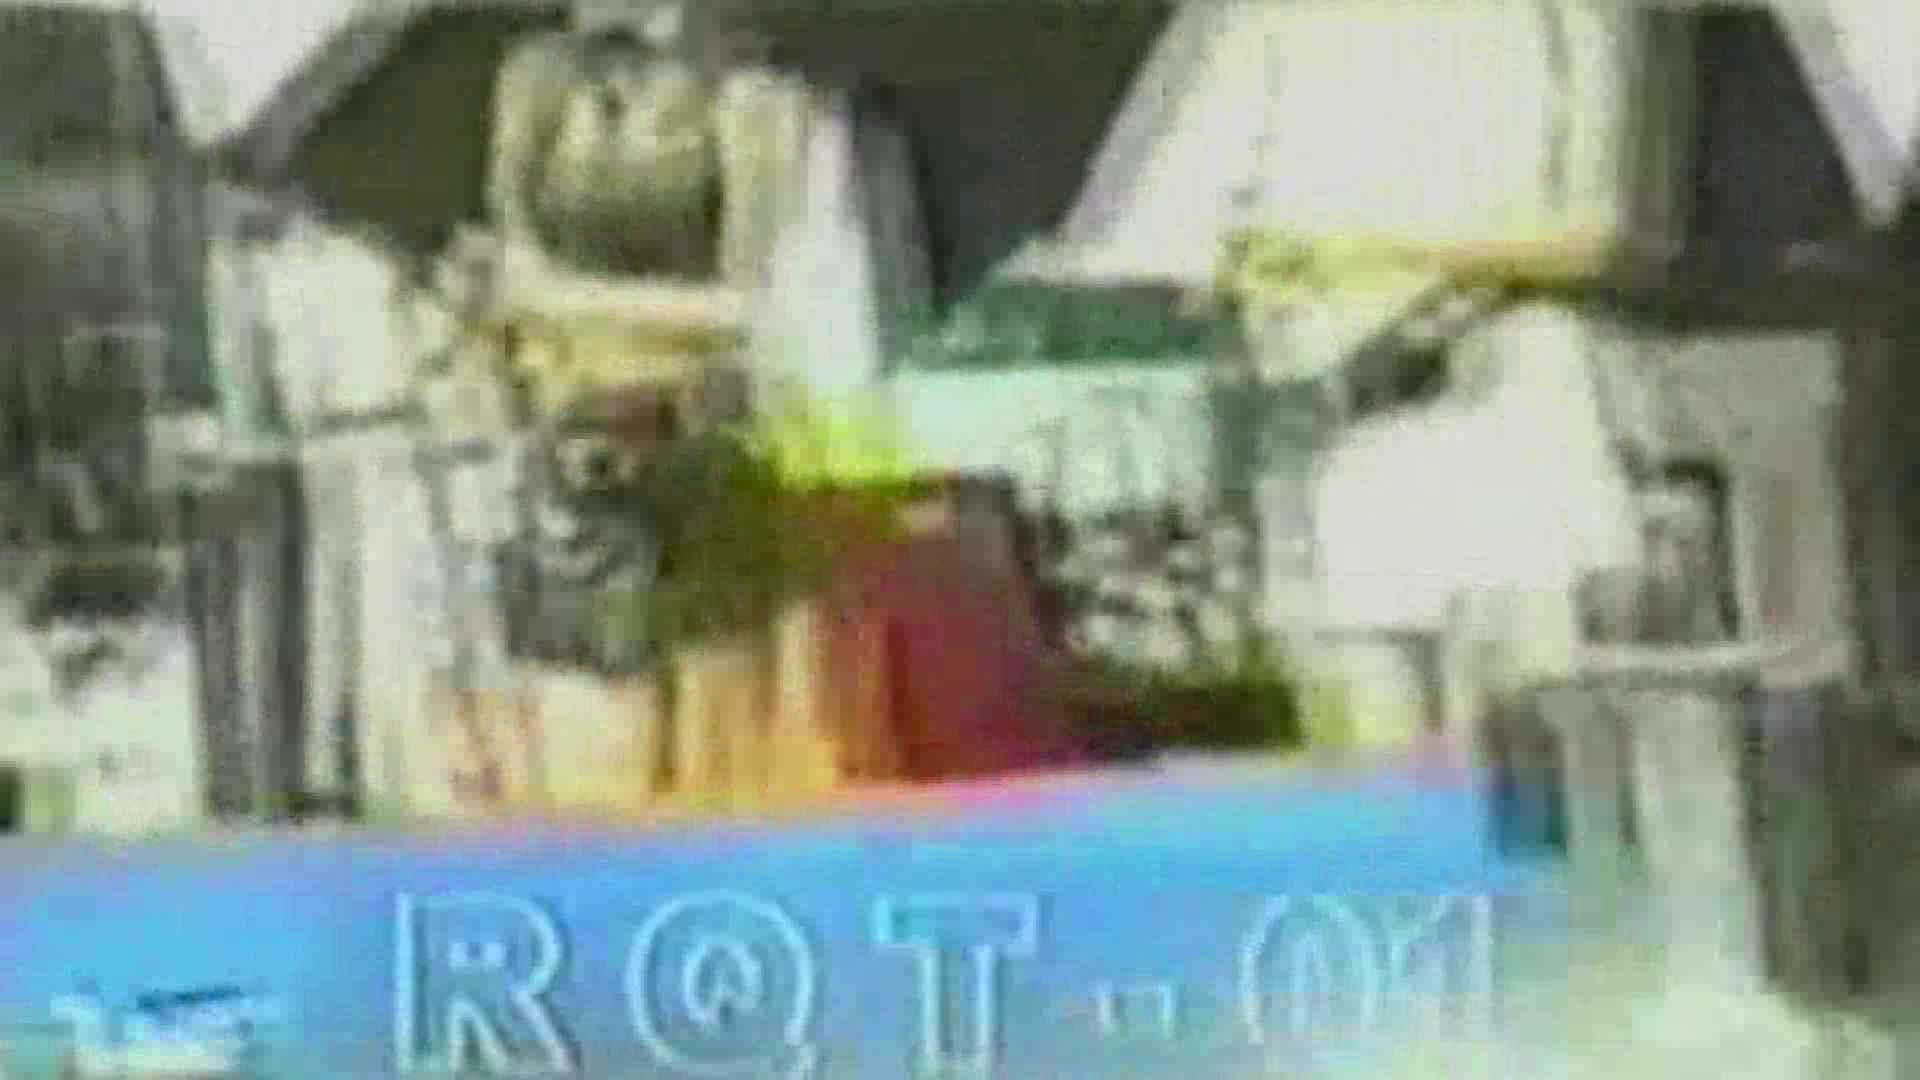 お姉さんの恥便所盗撮! Vol.2 OLエロ画像 盗撮ヌード画像 89PICs 72